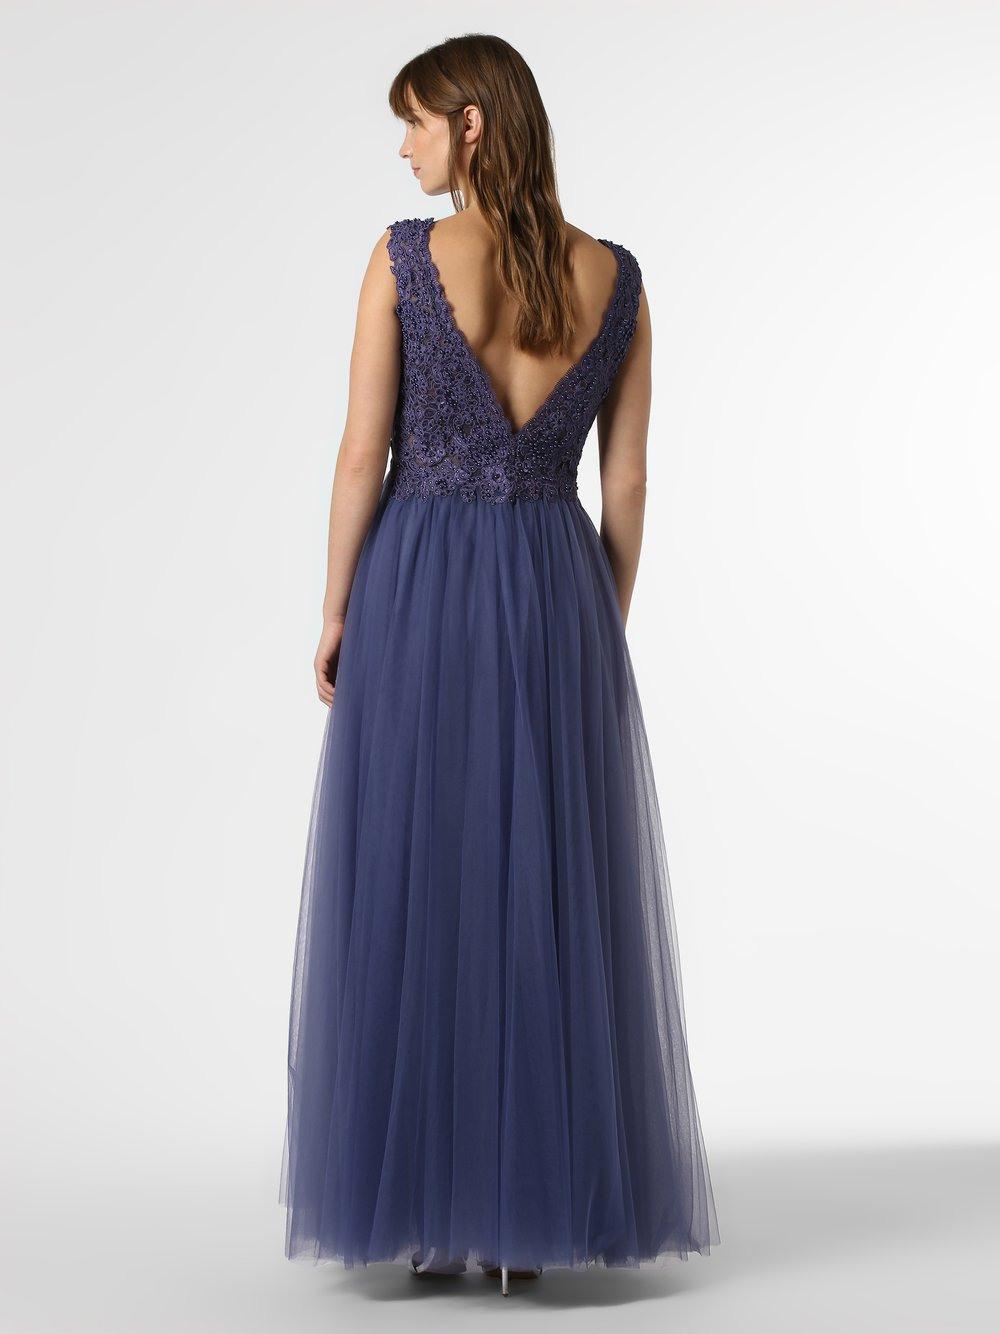 20 Schön Abendkleid Mascara Vertrieb Luxus Abendkleid Mascara Galerie